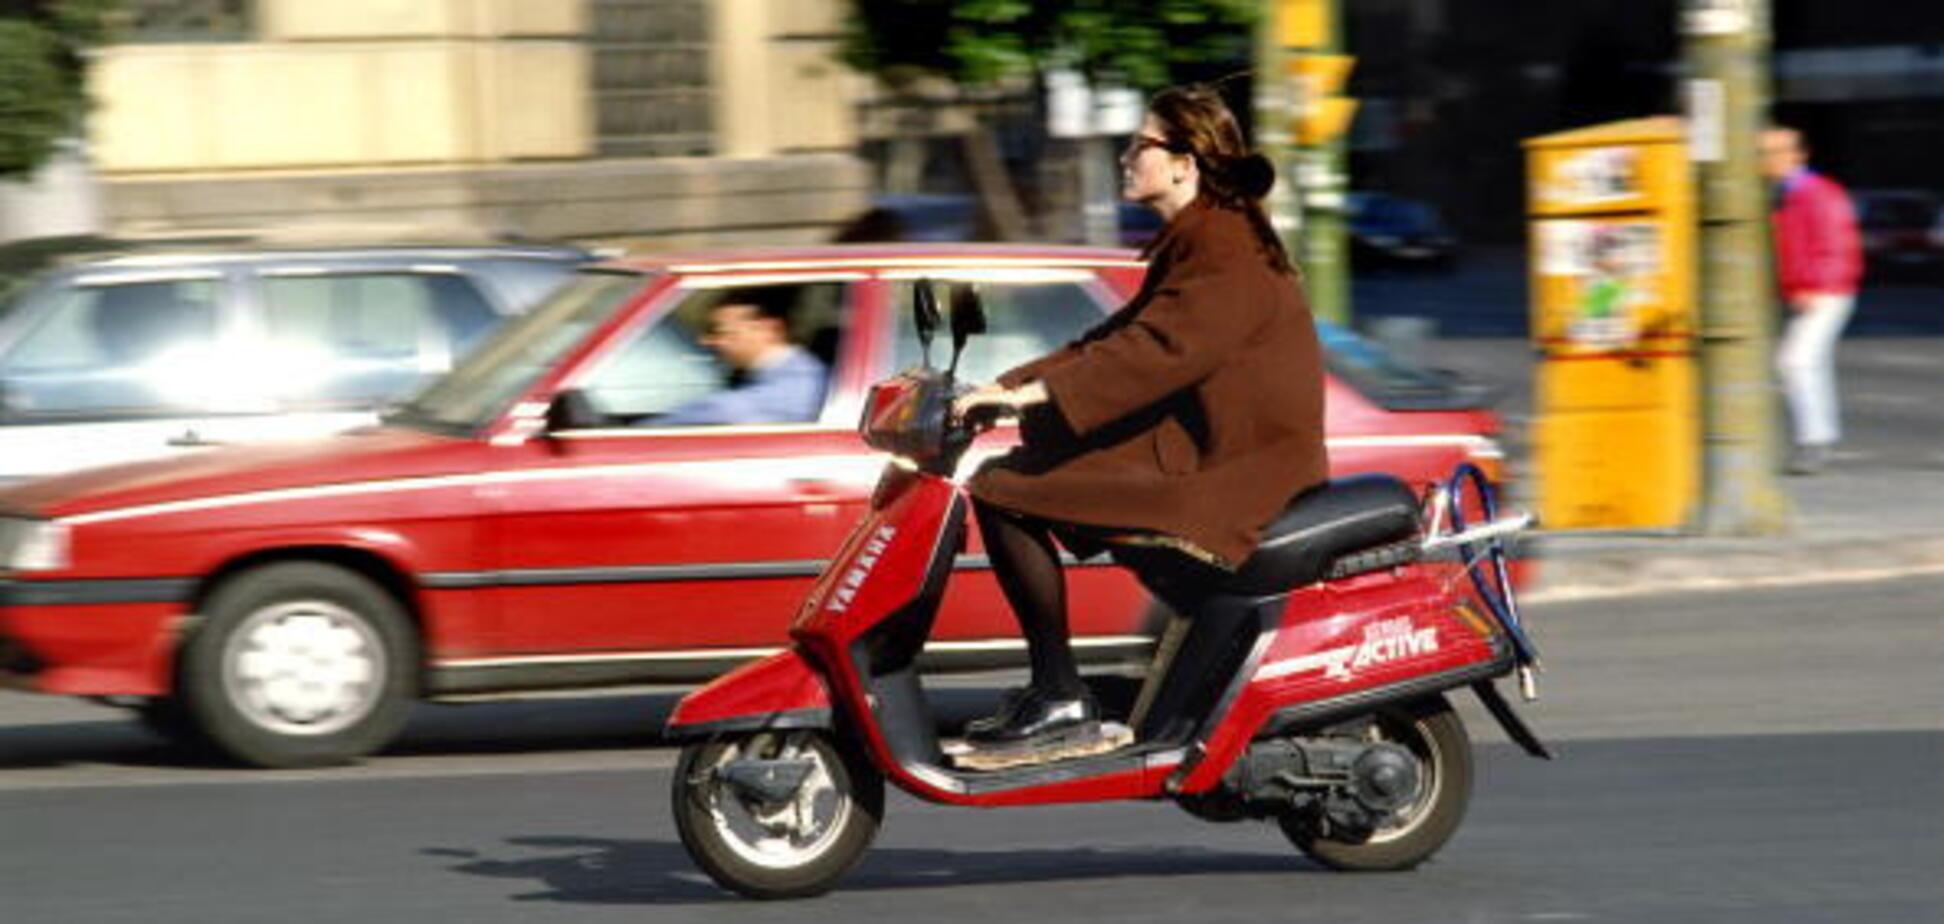 Діти на дорогах: в Україні запропонували ввести жорсткі штрафи для батьків